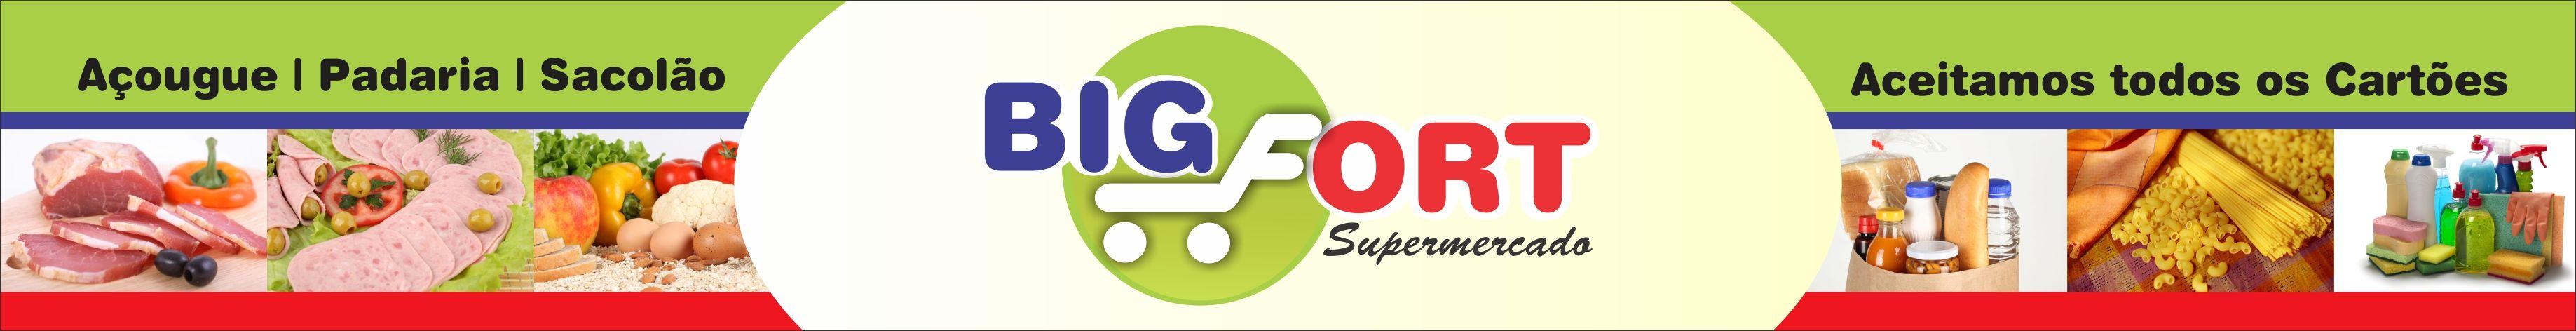 Trabalho feito para Para a inauguração do Supermercado Big Fort - Morro da Garça/MG